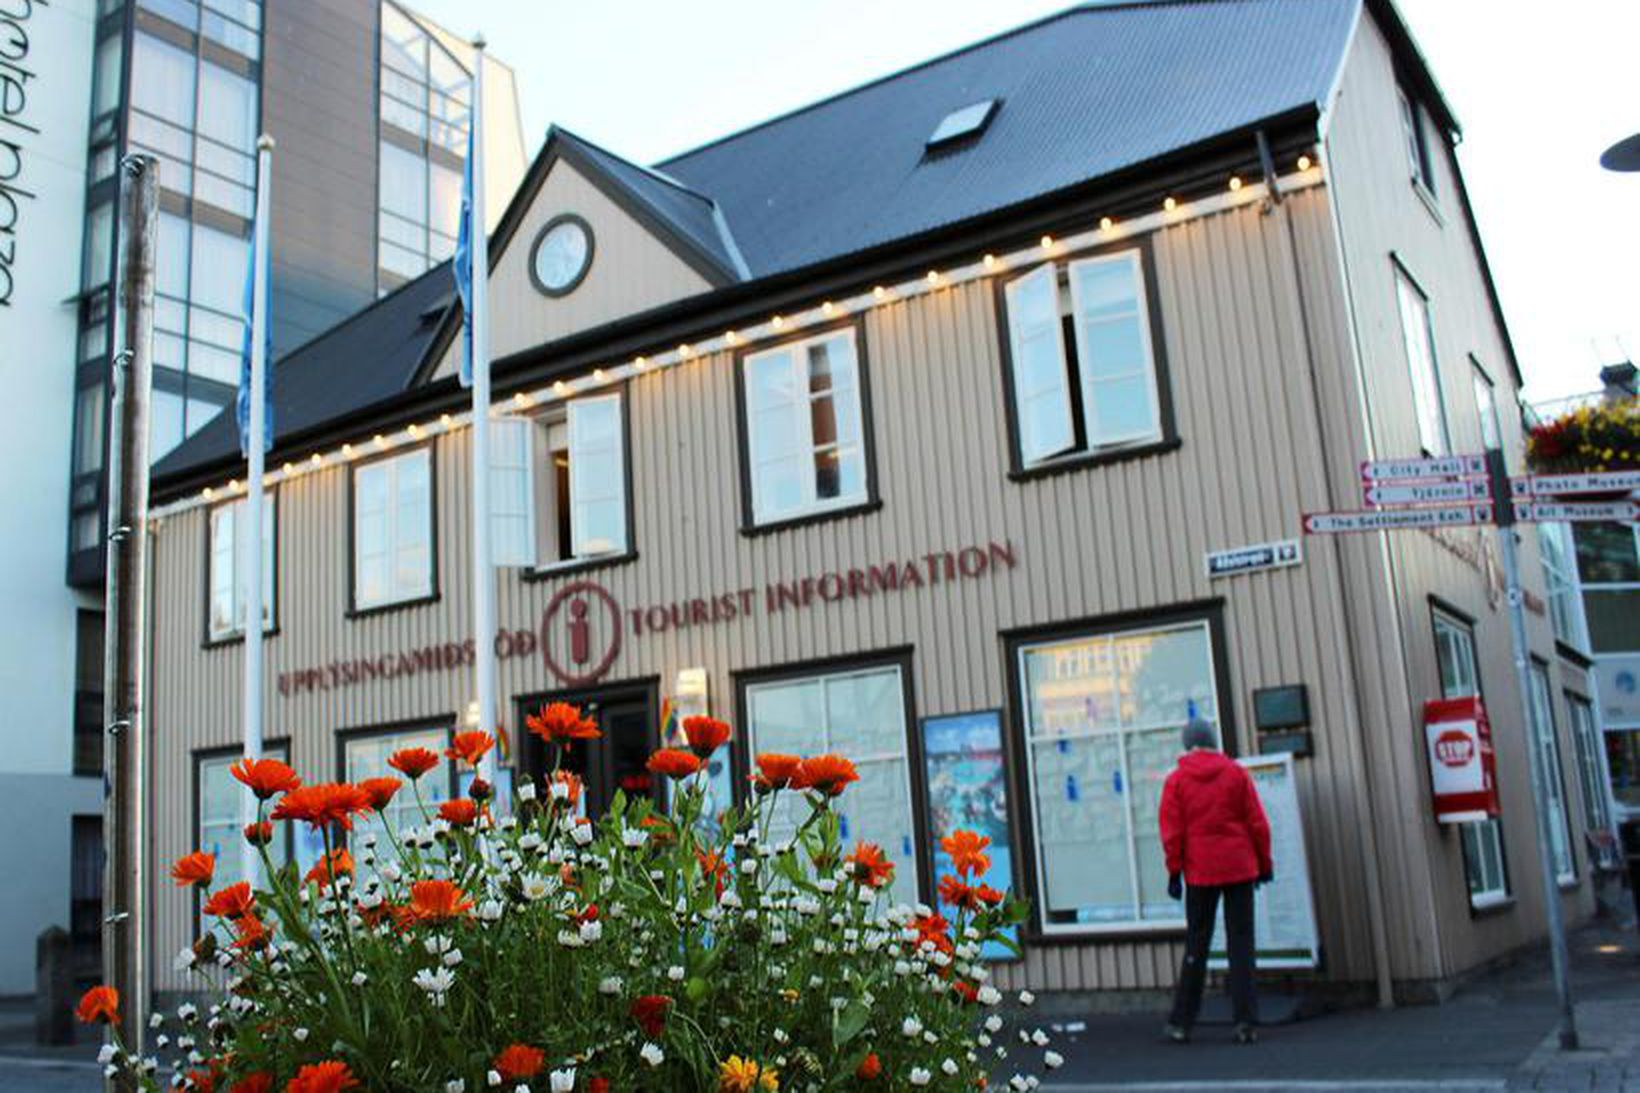 Iceland Travel Assistance rak meðal annars upplýsingamiðstöð ferðamanna í Grófinni …